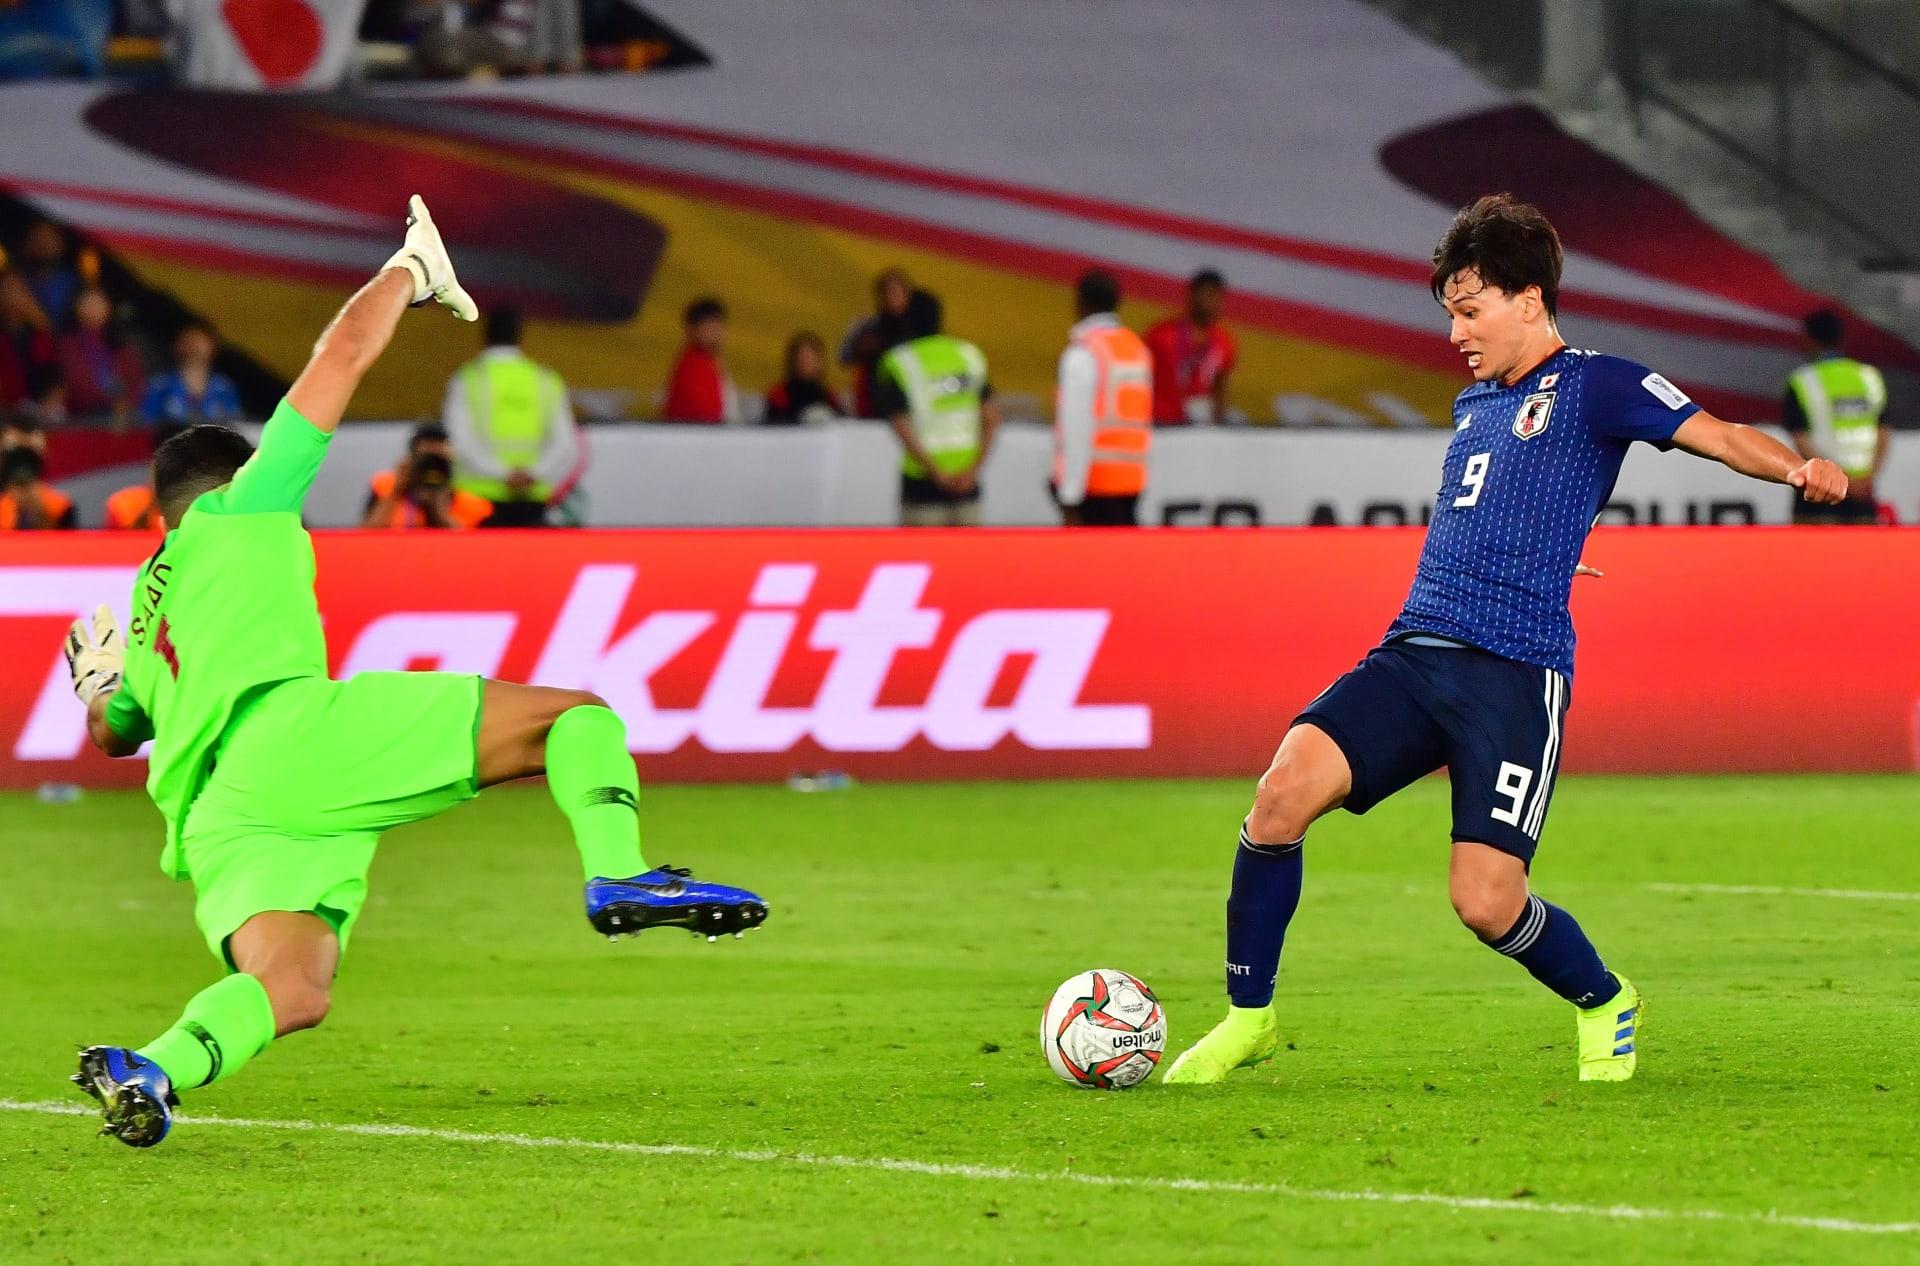 """حارس منتخب قطر: المنتخب الياباني ند قوي ومستعدون لـ""""كوبا أمريكا"""""""